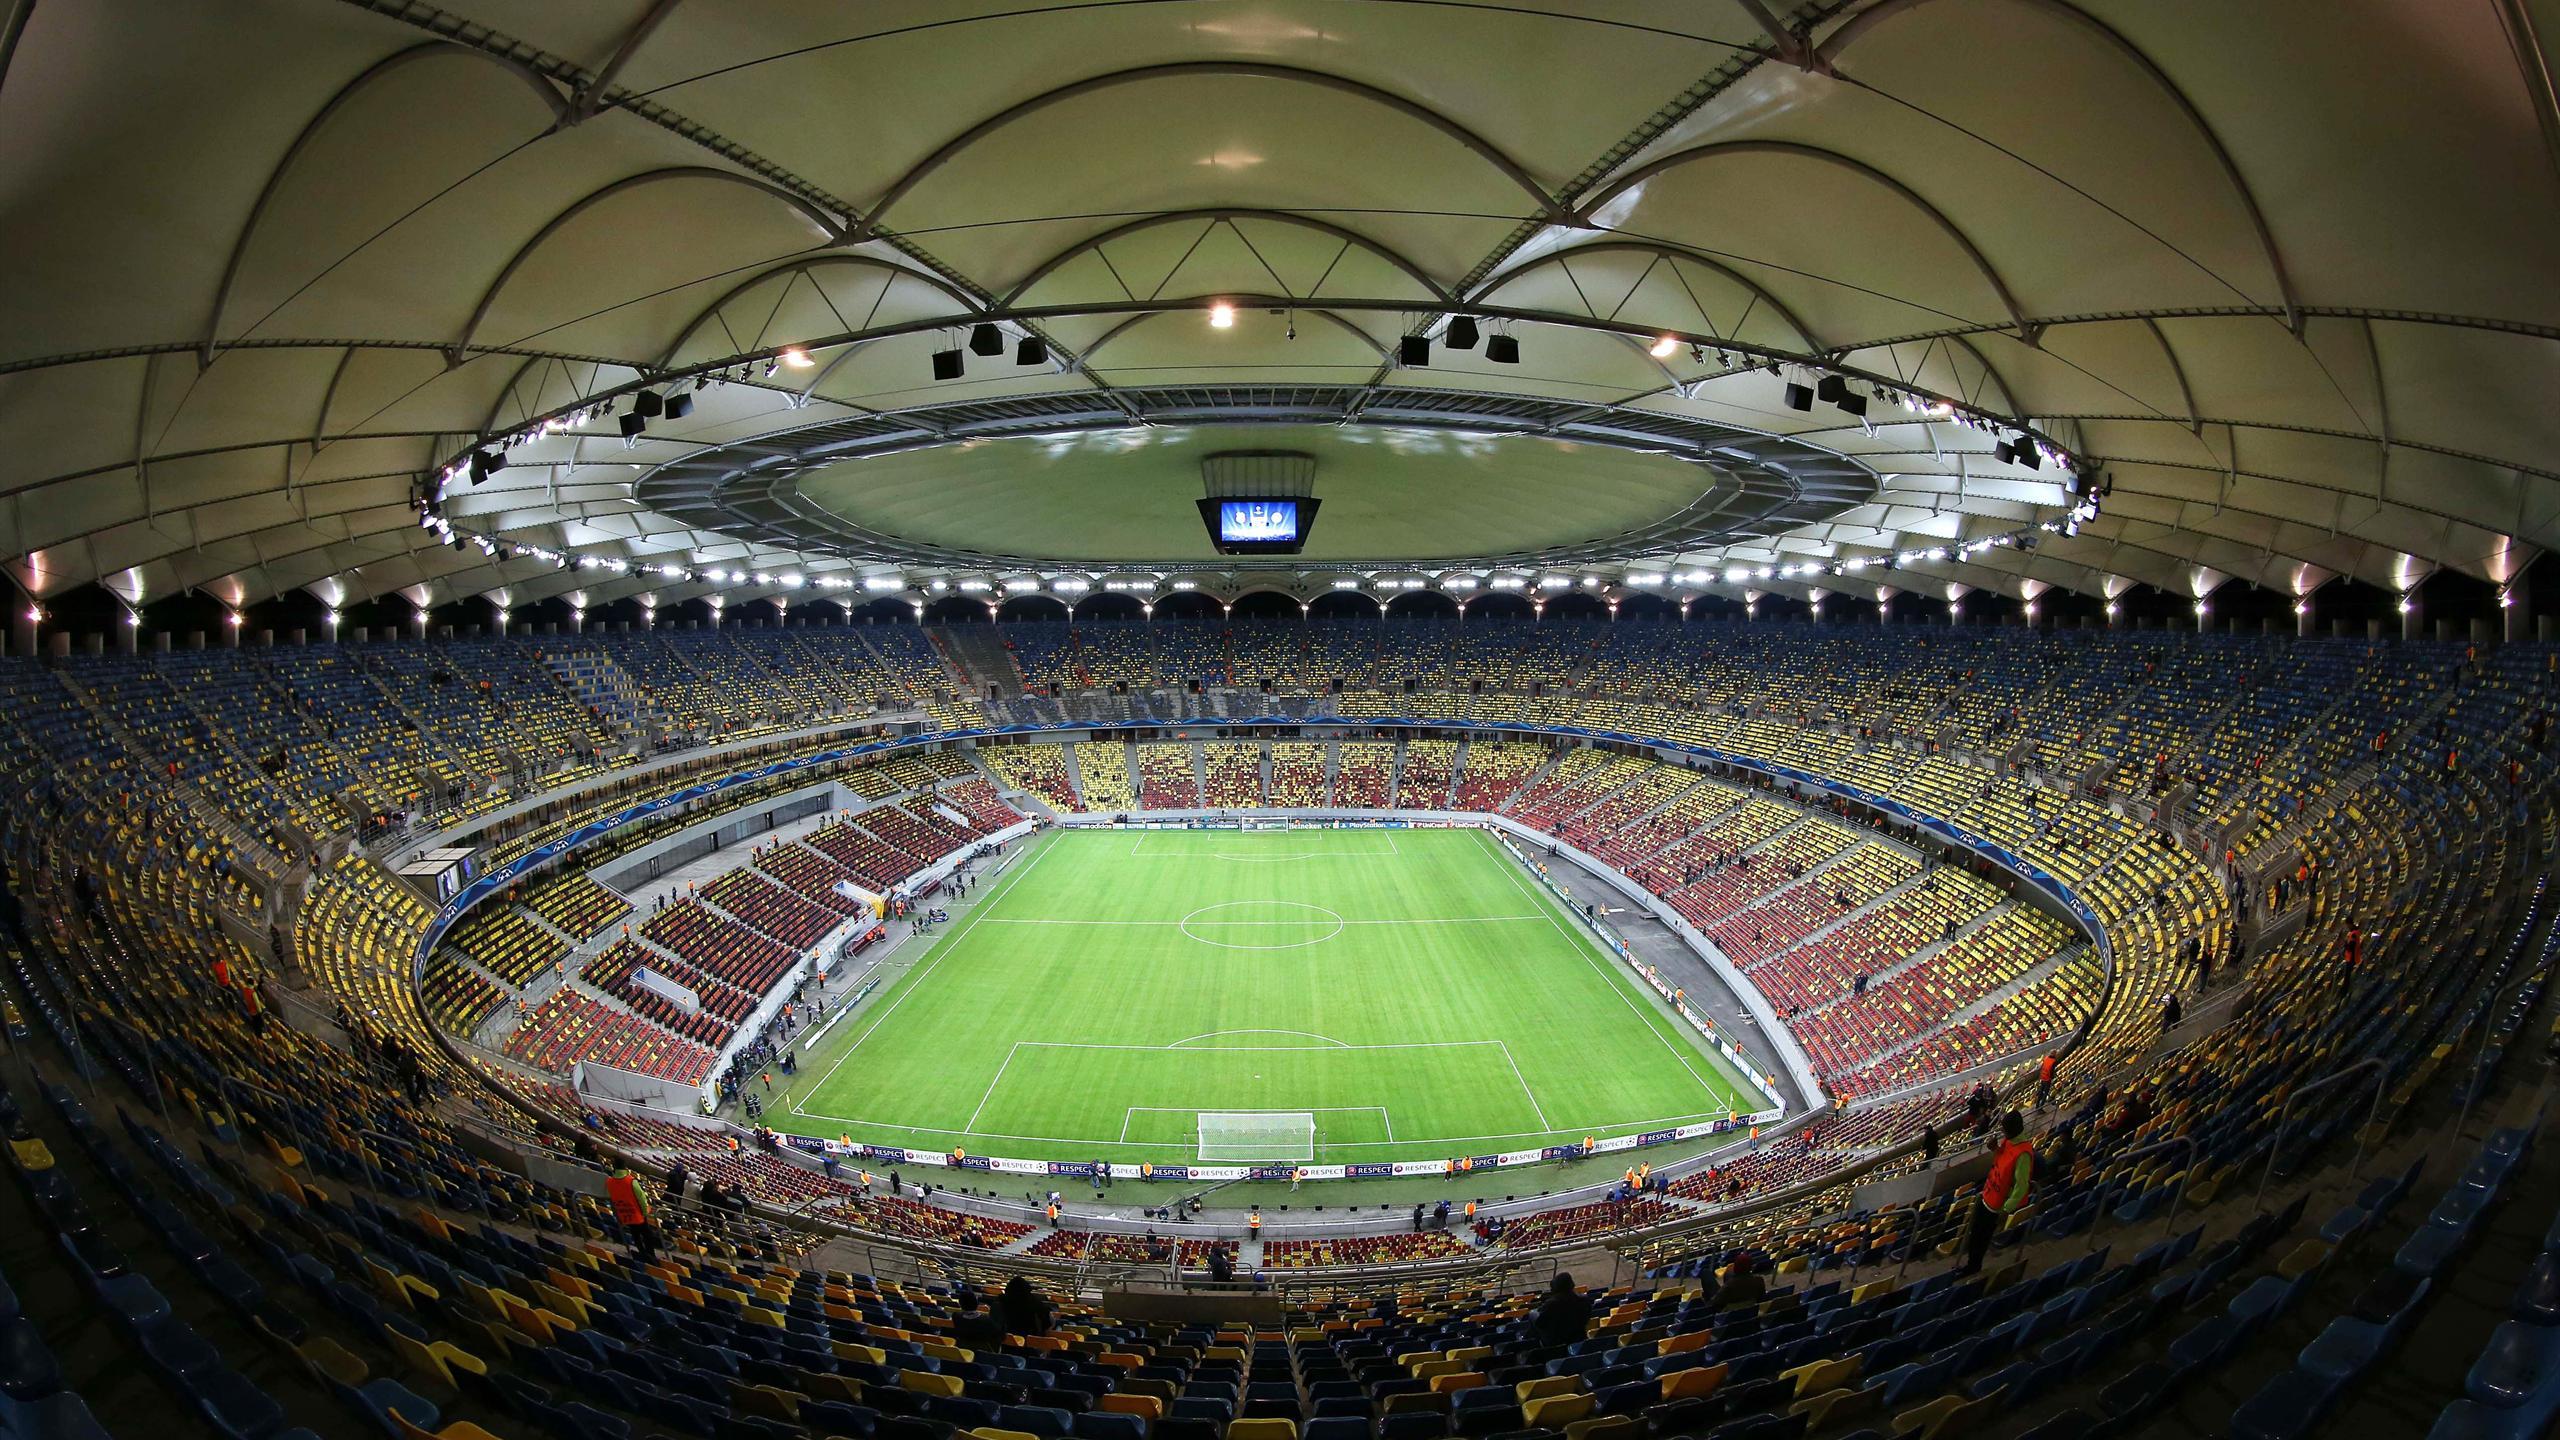 FOOTBALL MASCULIN CHAMPIONNAT D'EUROPE 2020 1316811-28329449-2560-1440